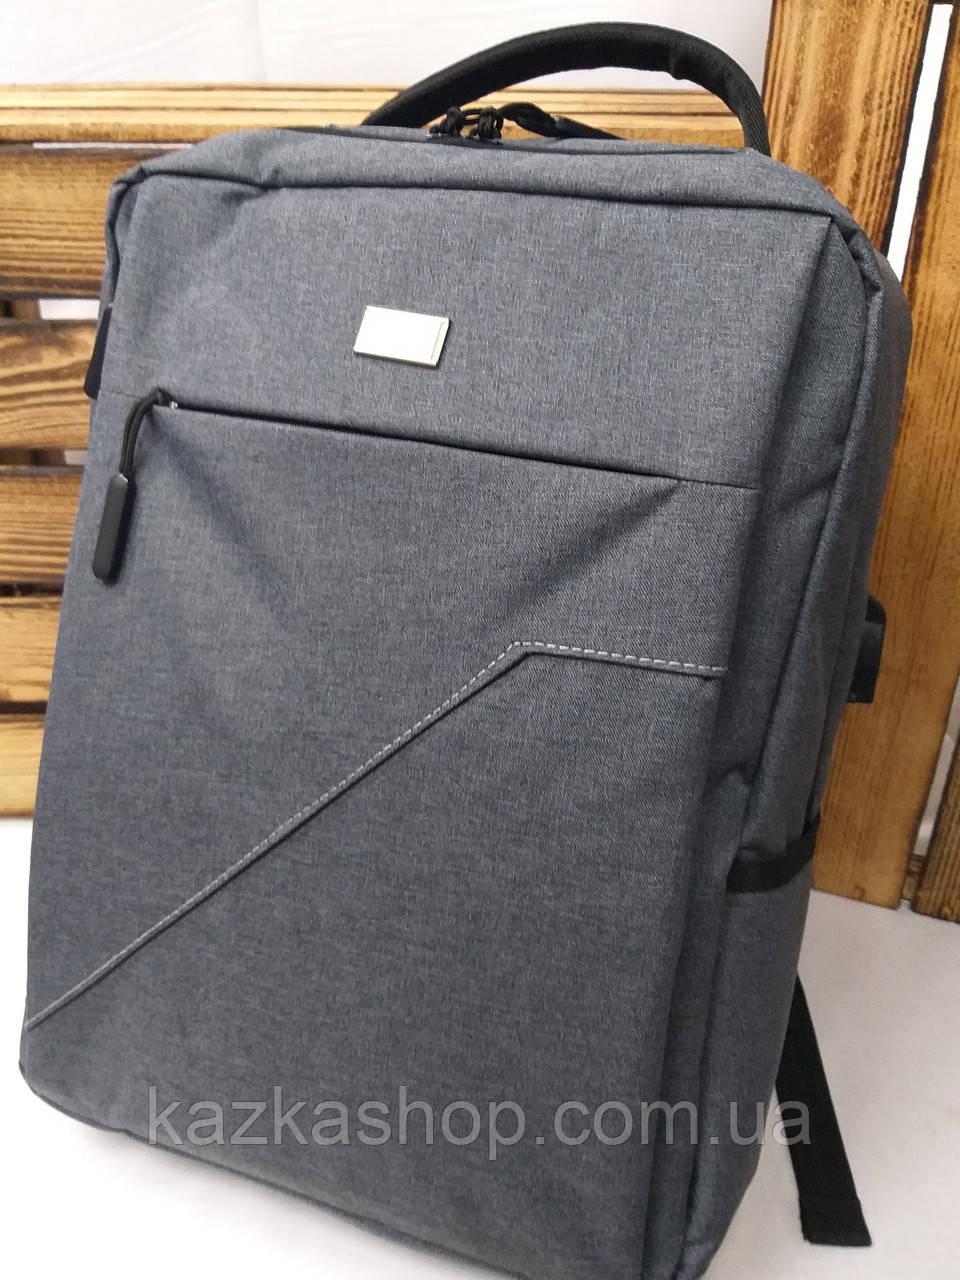 Спортивный, прогулочный прочный рюкзак под ноутбук из плотного непромокаемого материала, на 3 отдела